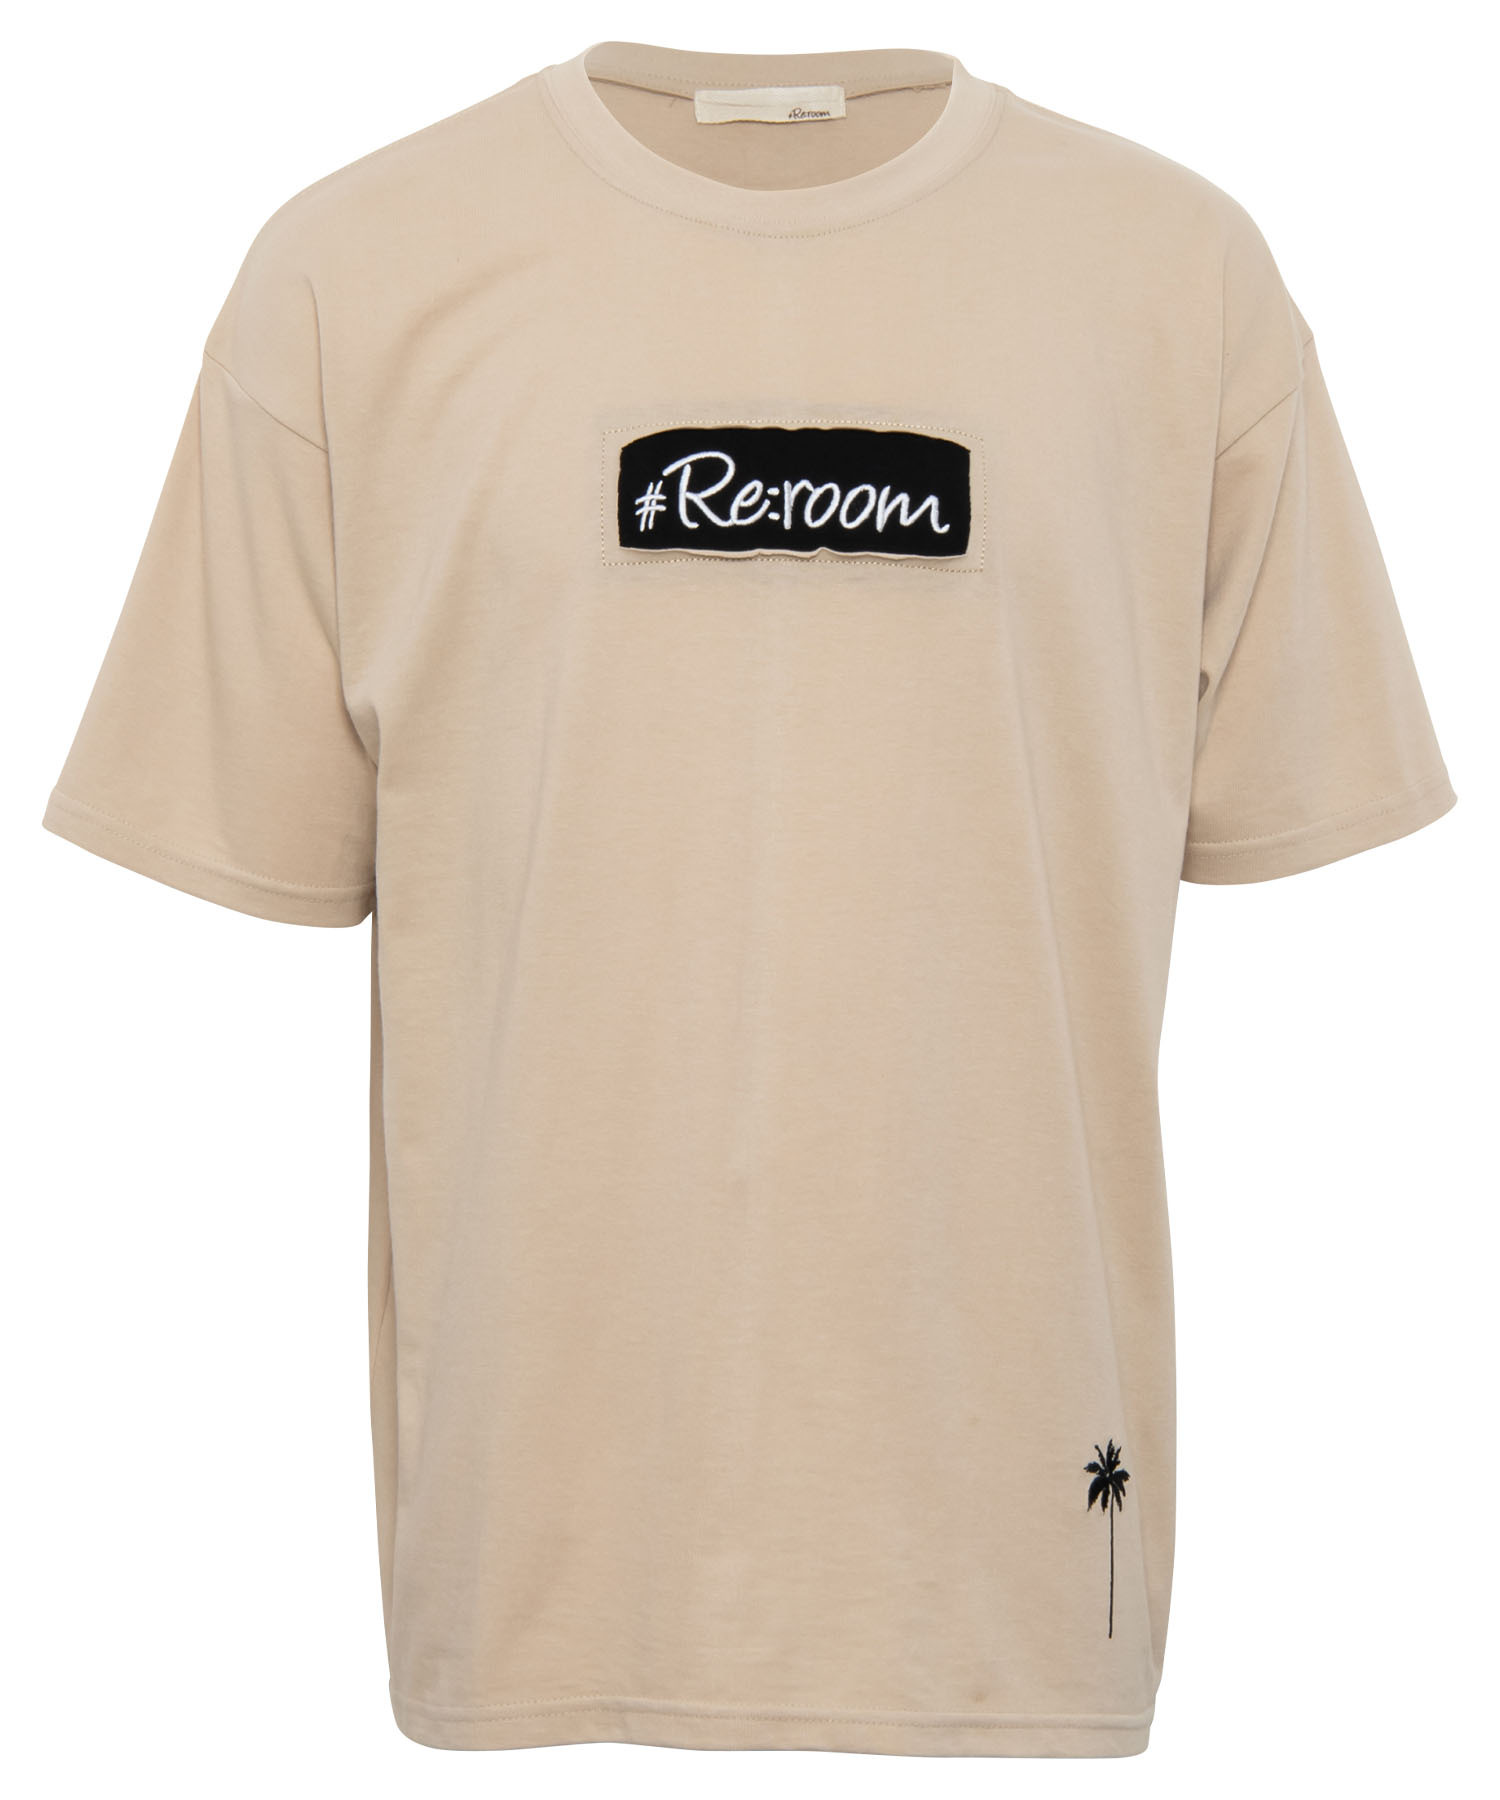 BOX LOGO EMBROIDERY BIG T-shirt[REC405]